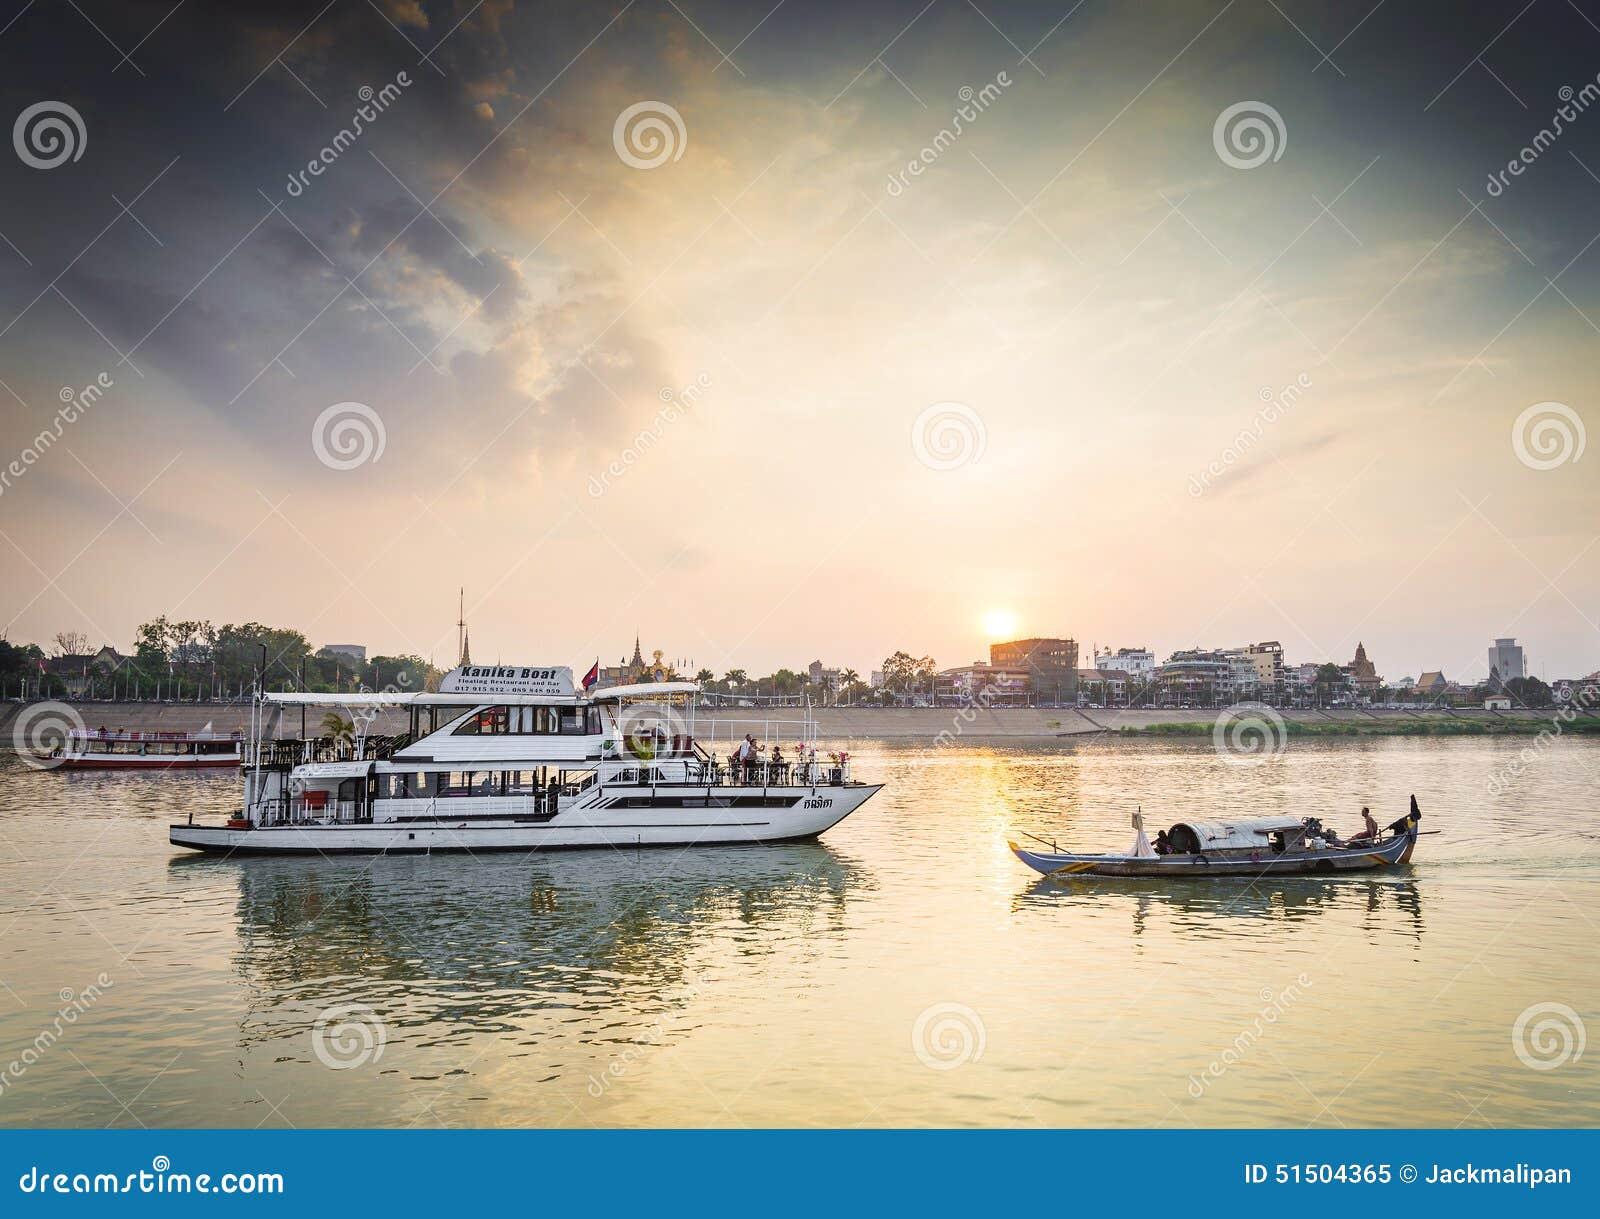 Βάρκες τουριστών στην κρουαζιέρα ηλιοβασιλέματος στον ποταμό της Καμπότζης phnom penh